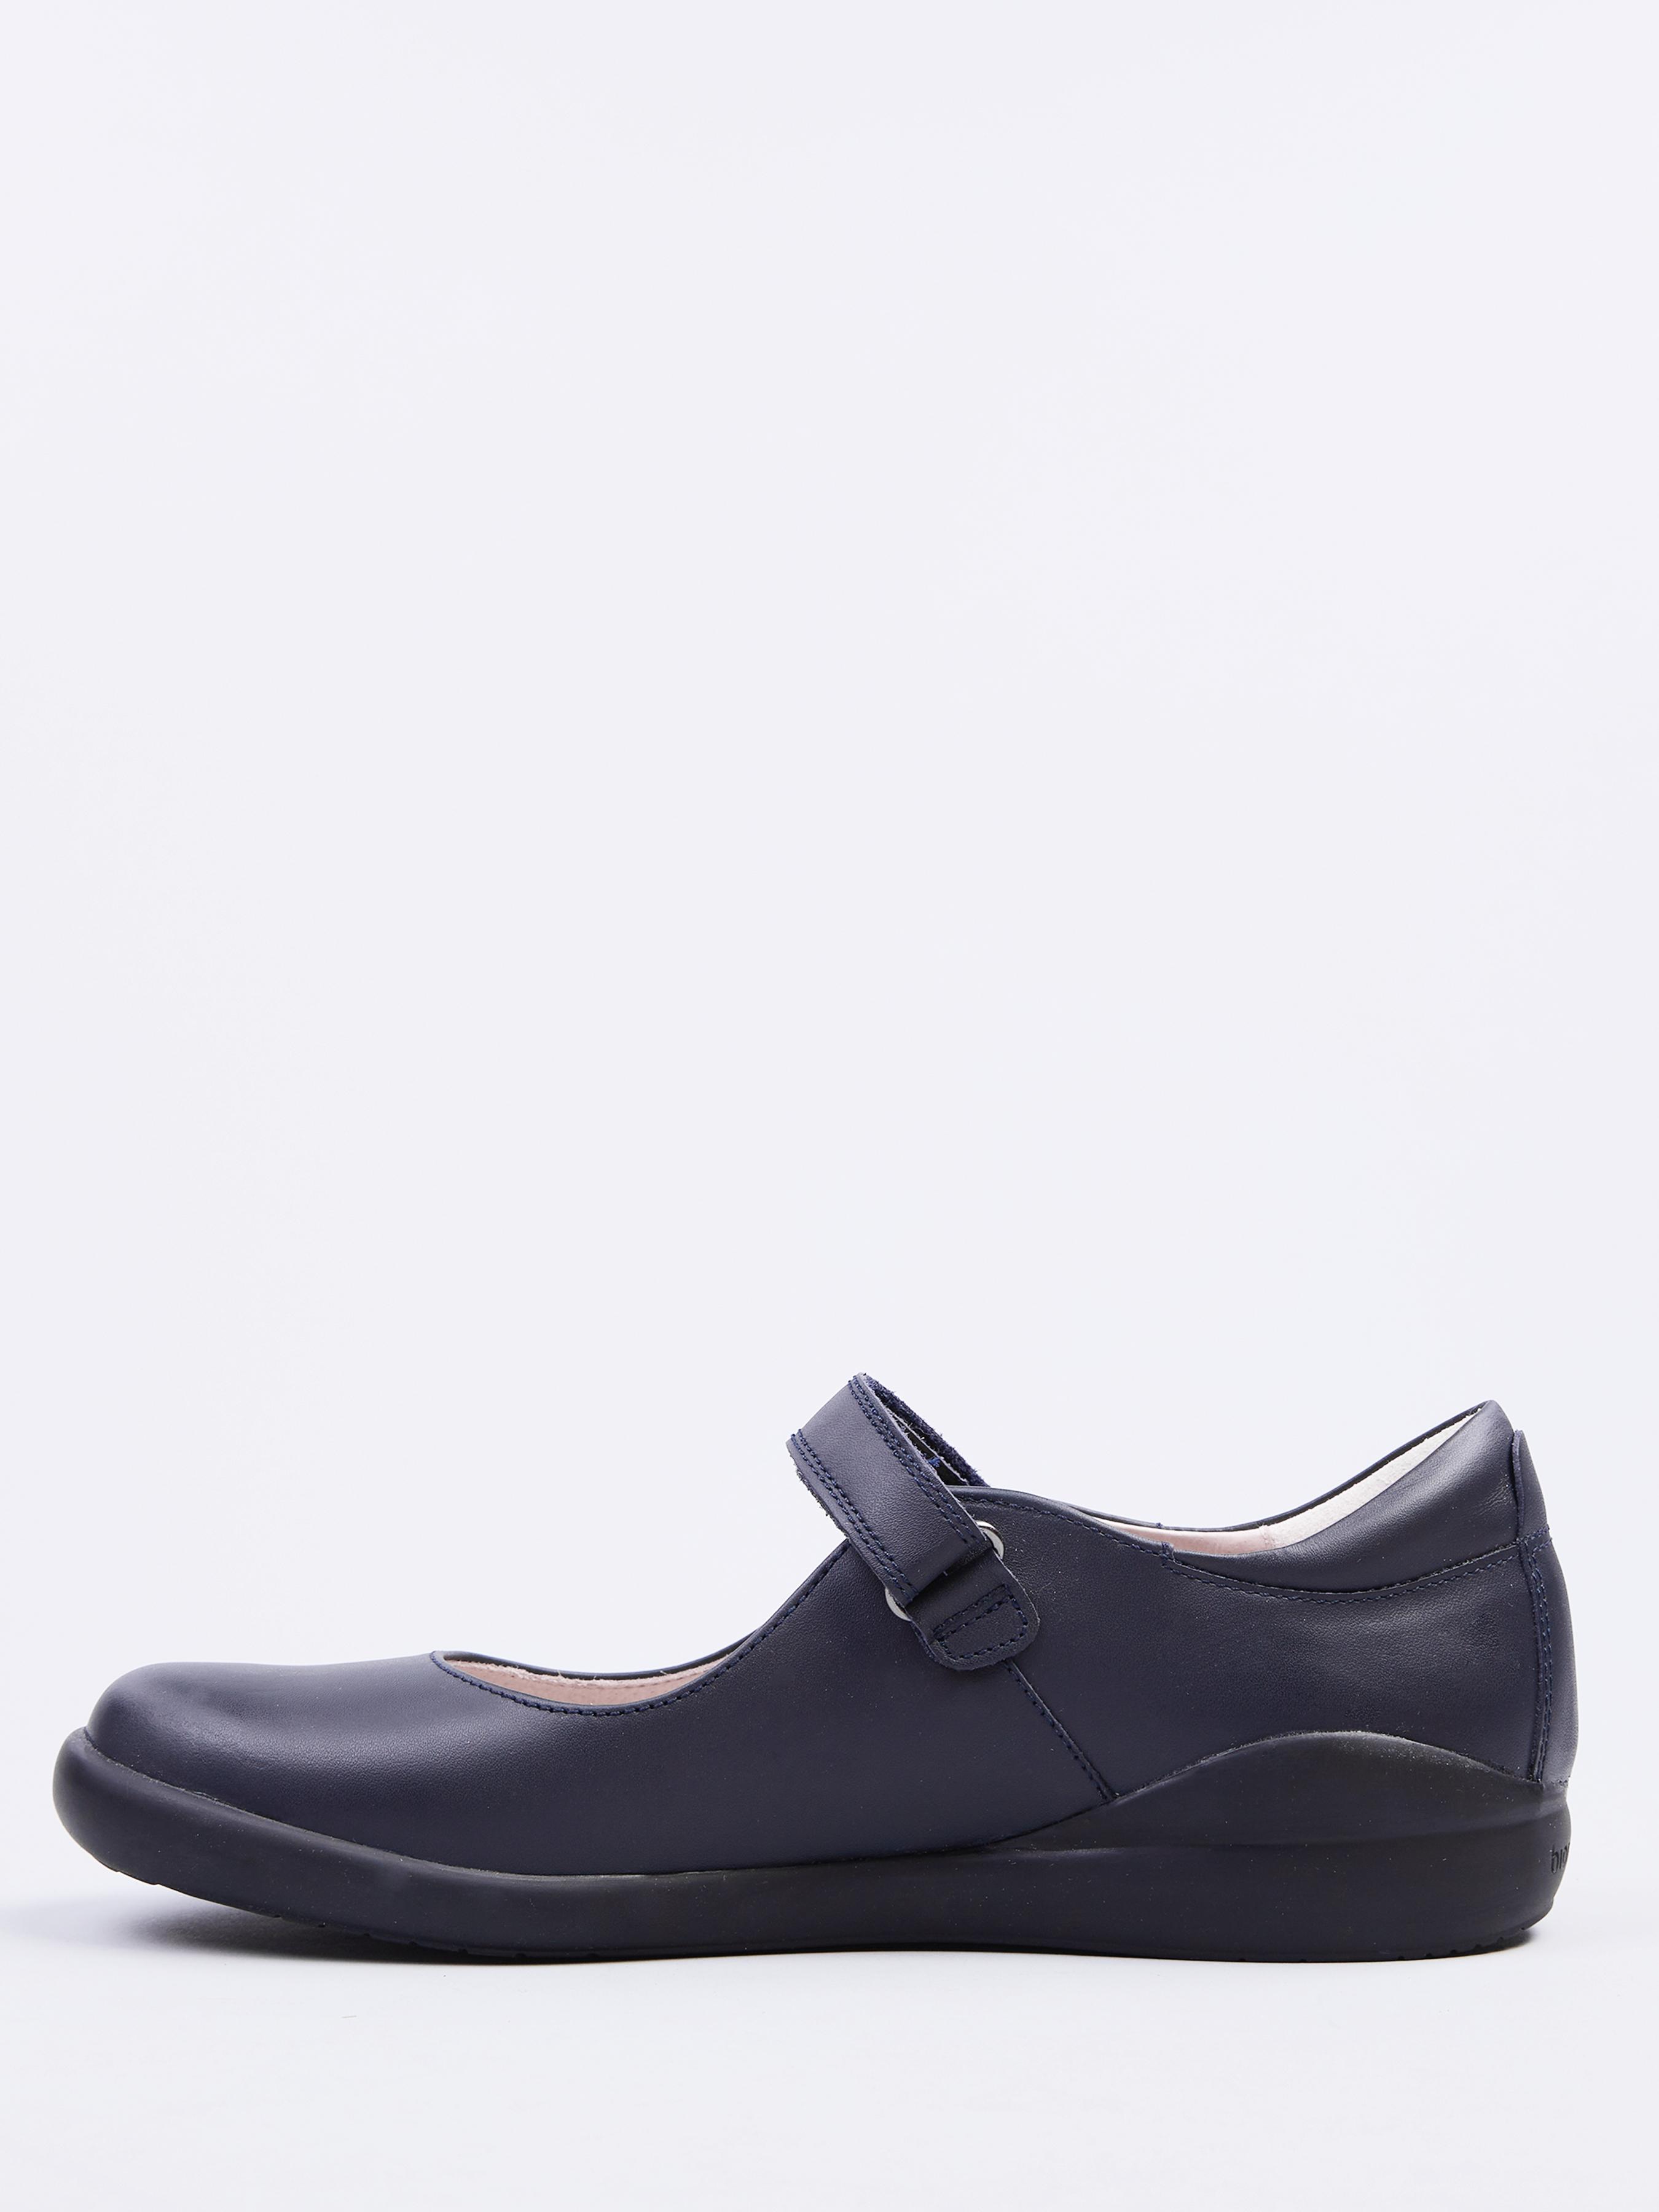 Балетки для детей Biomecanics AZUL MARINO (NAPA) YV317 модная обувь, 2017